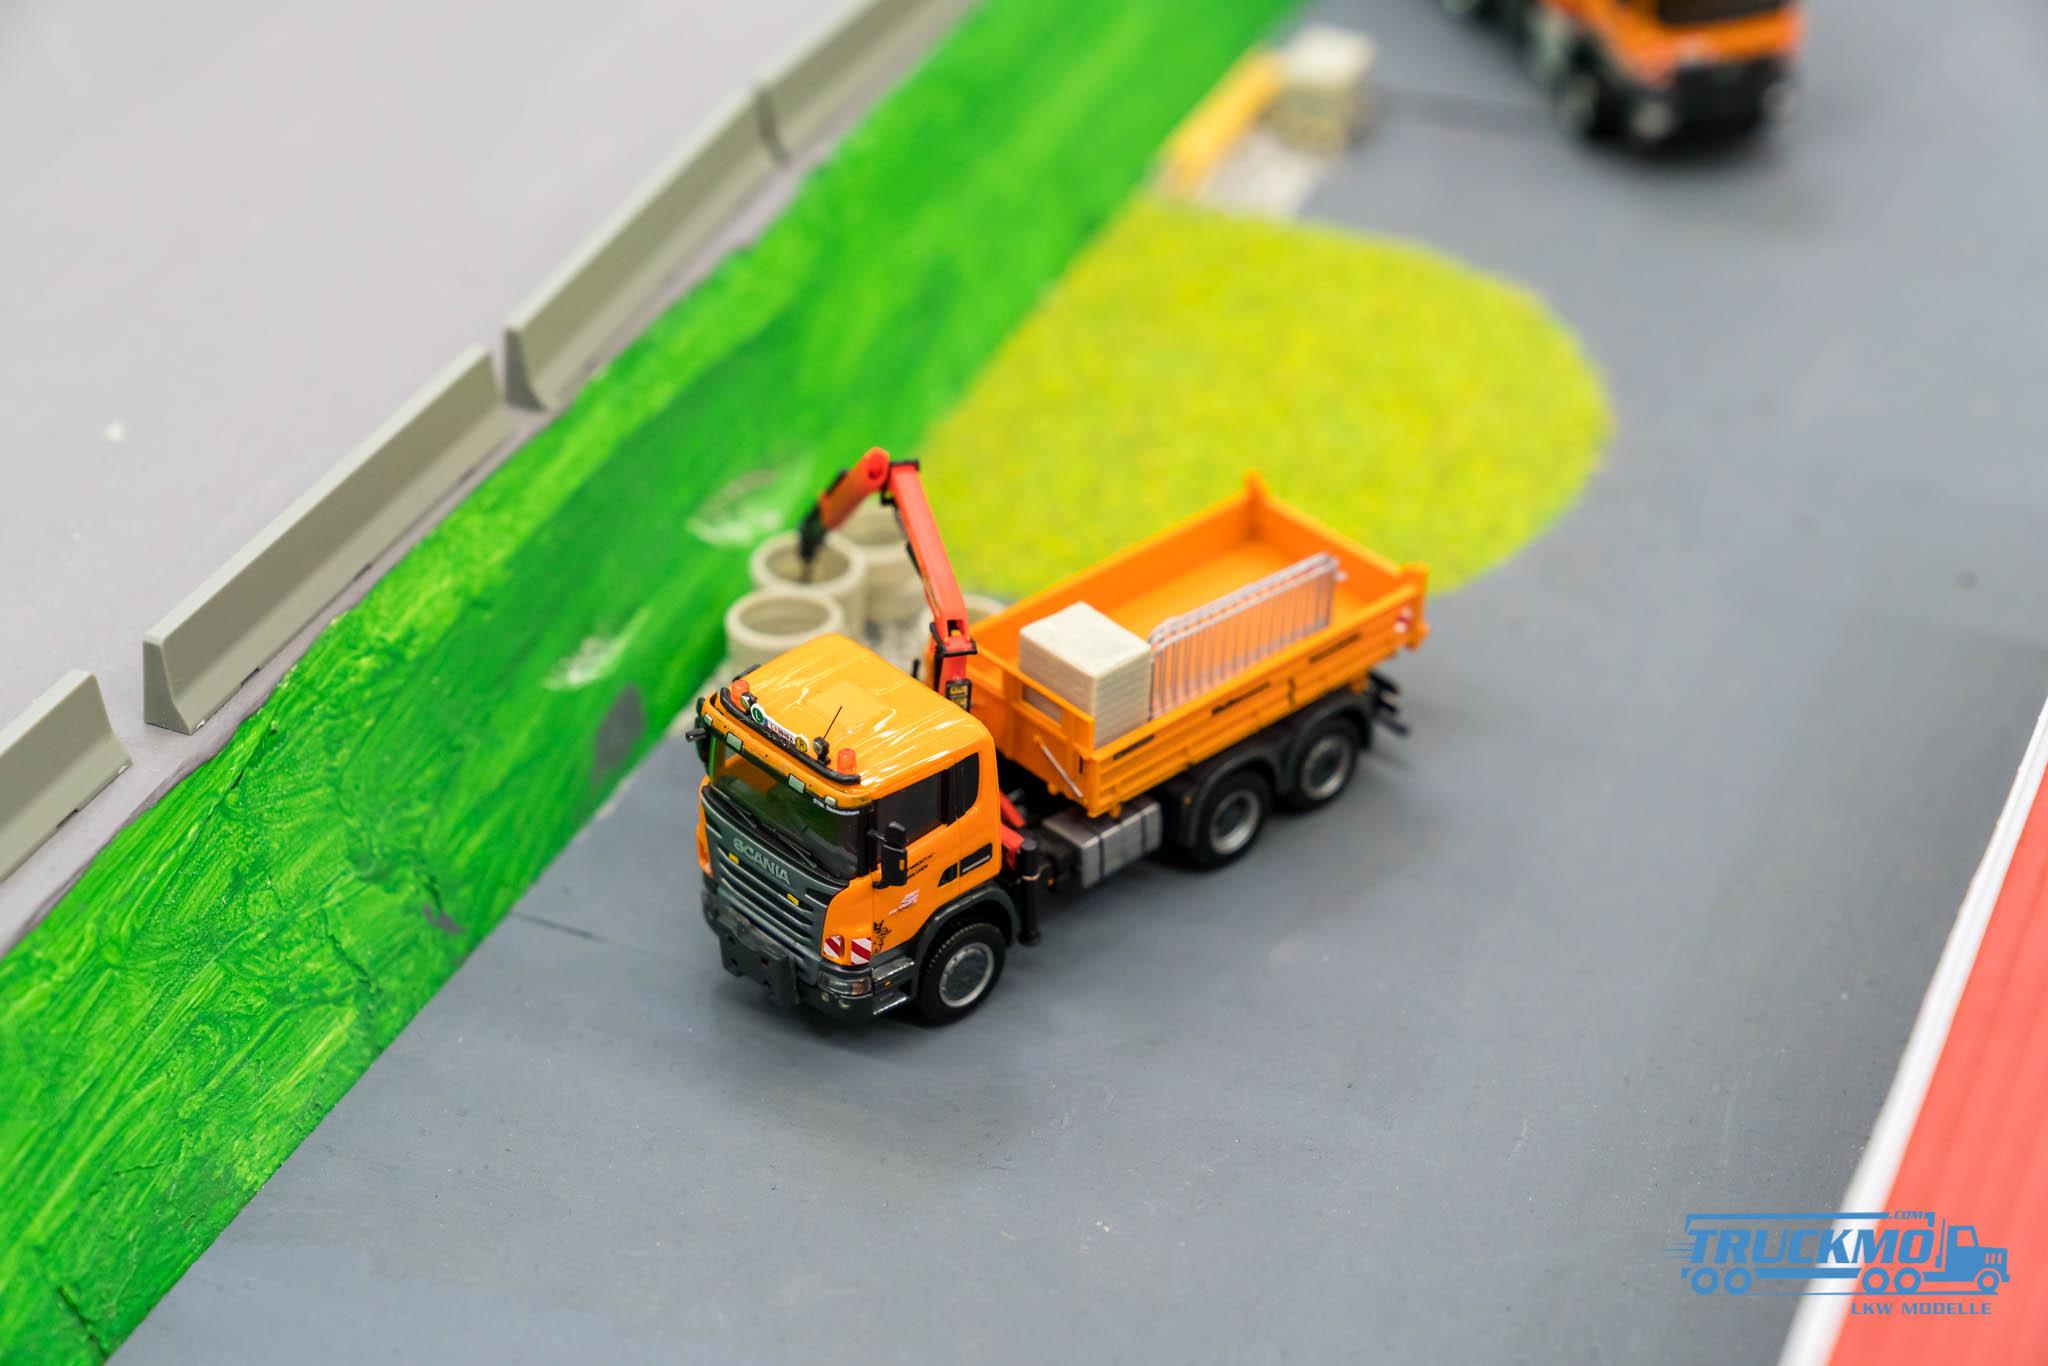 Truckmo_Modellbau_Ried_2017_Herpa_Messe_Modellbauausstellung (136 von 1177)